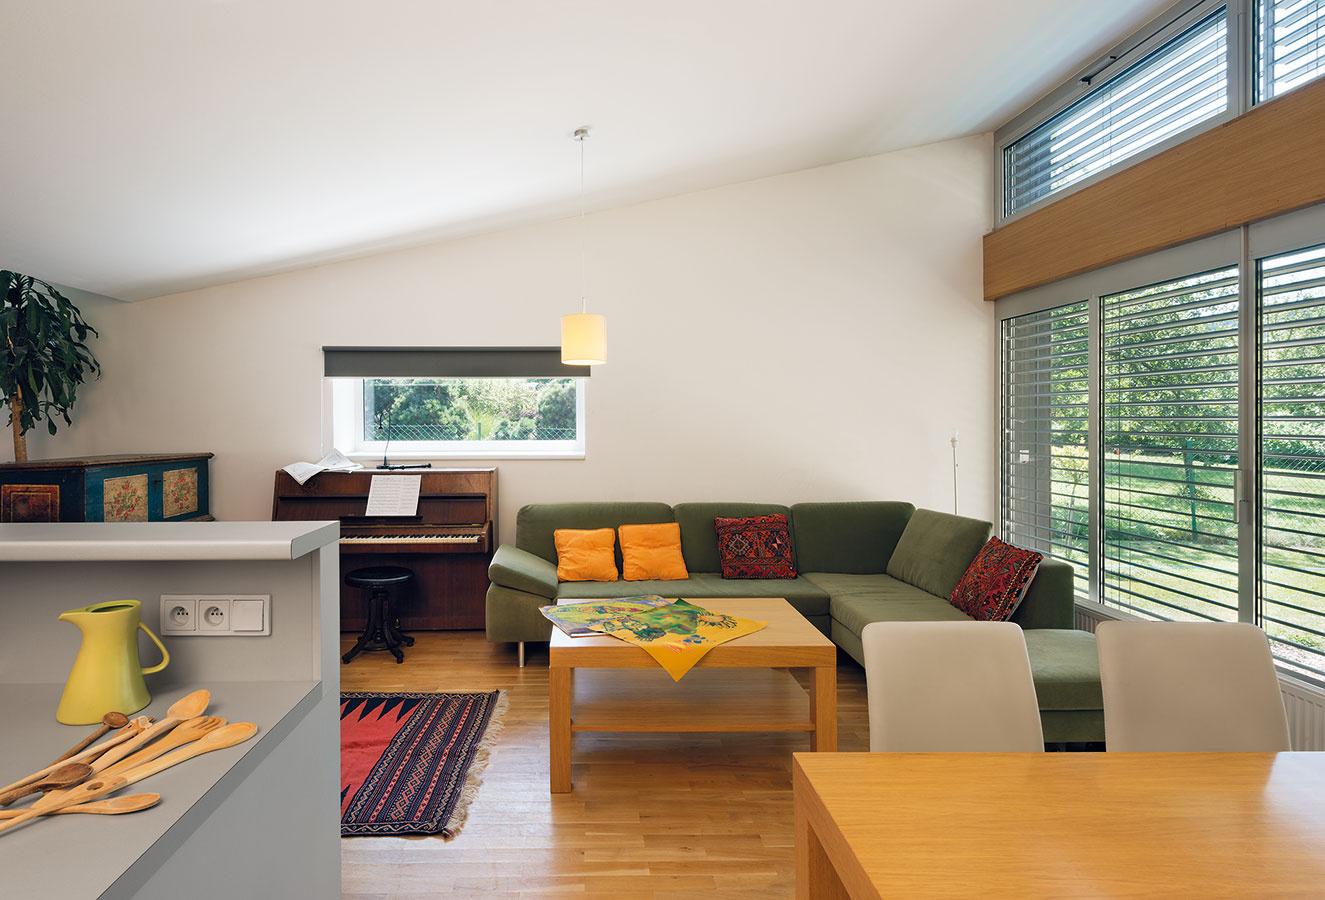 Interiér kombinuje striedmy moderný nábytok s niekoľkými artefaktami z minulosti.